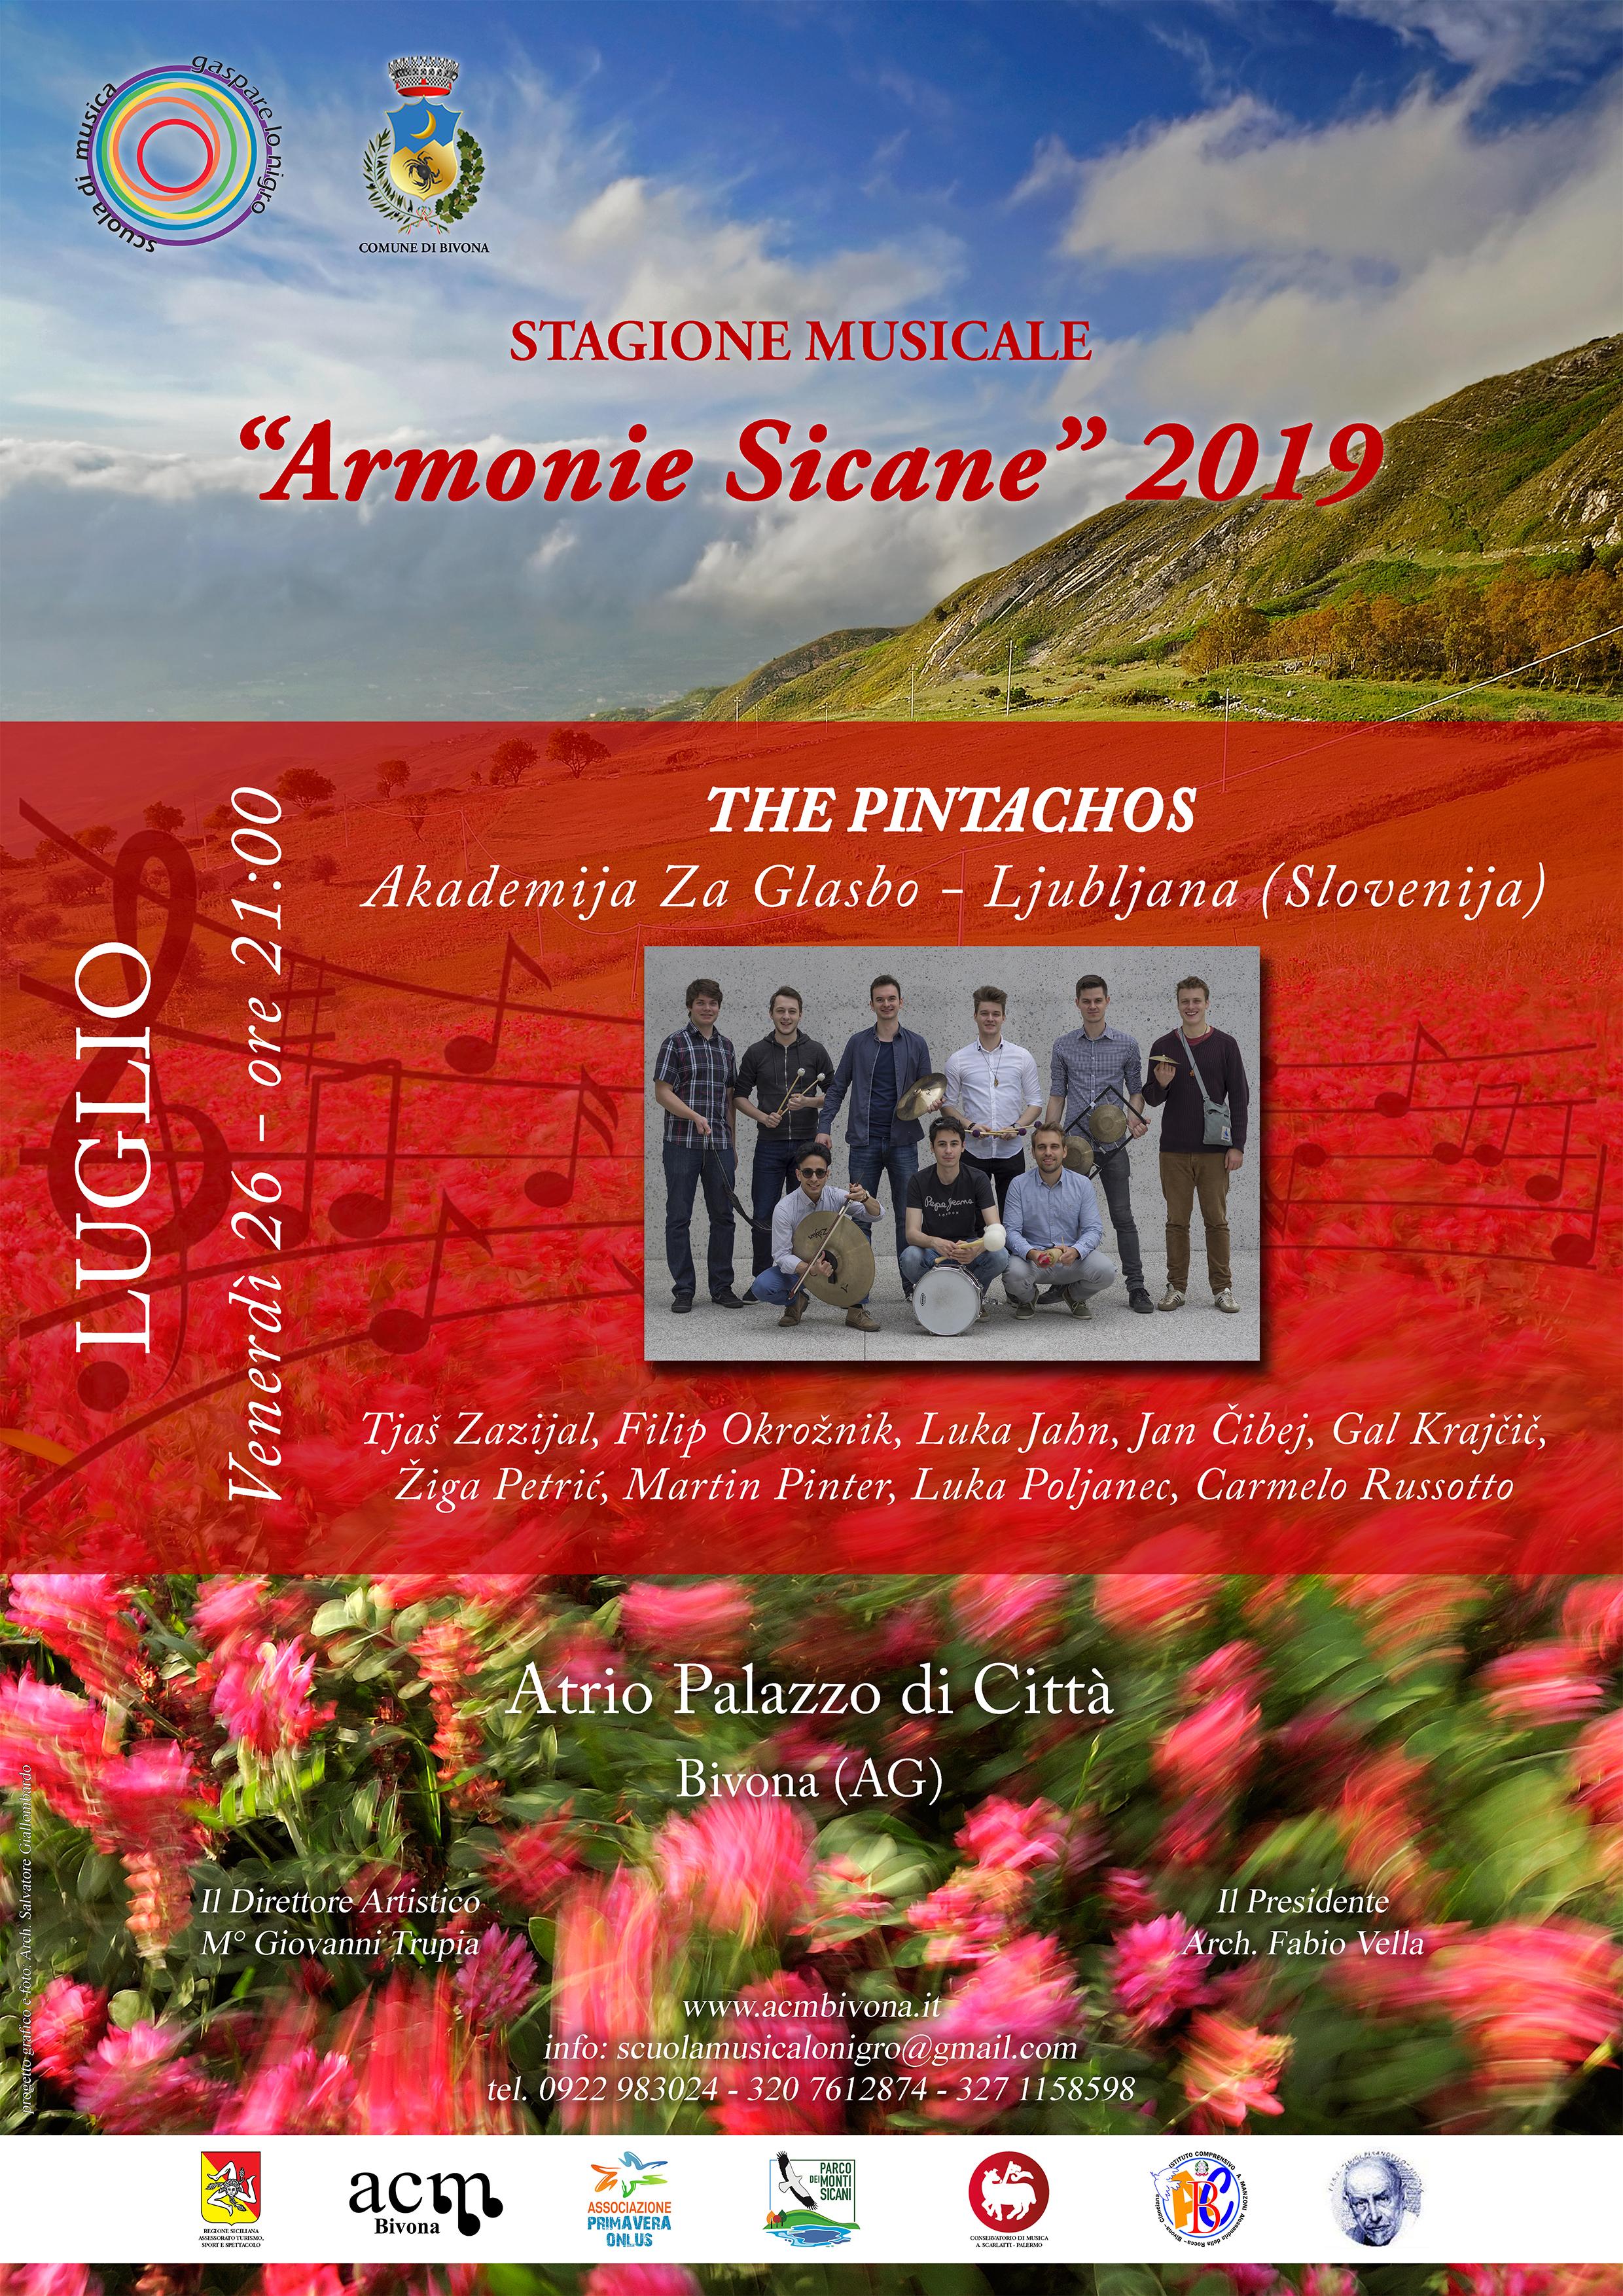 The Pintachos - Locandina A4